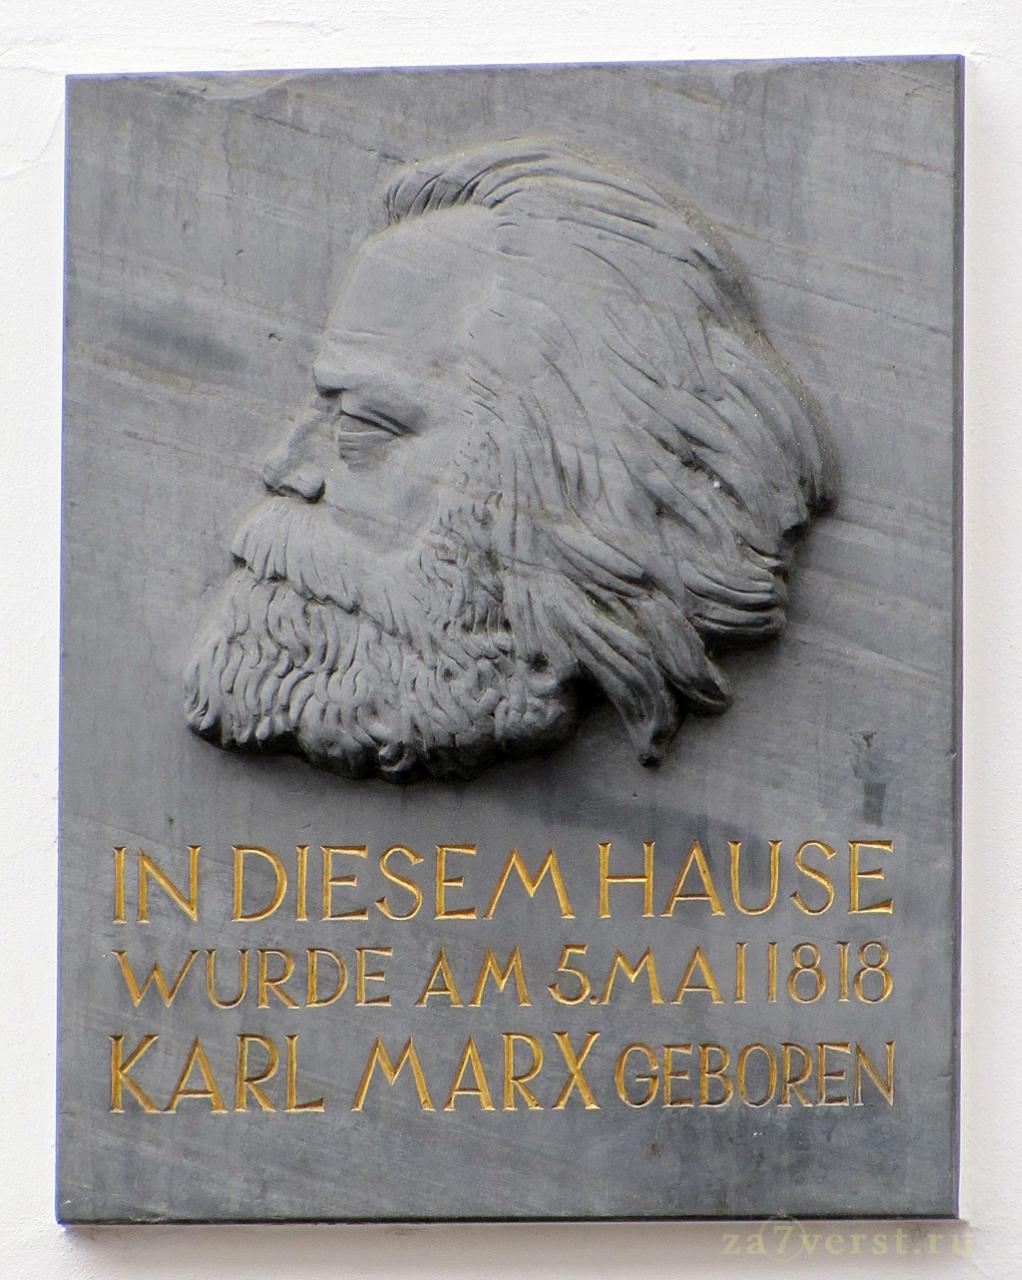 Трир, Германия, Музей Карла Маркса